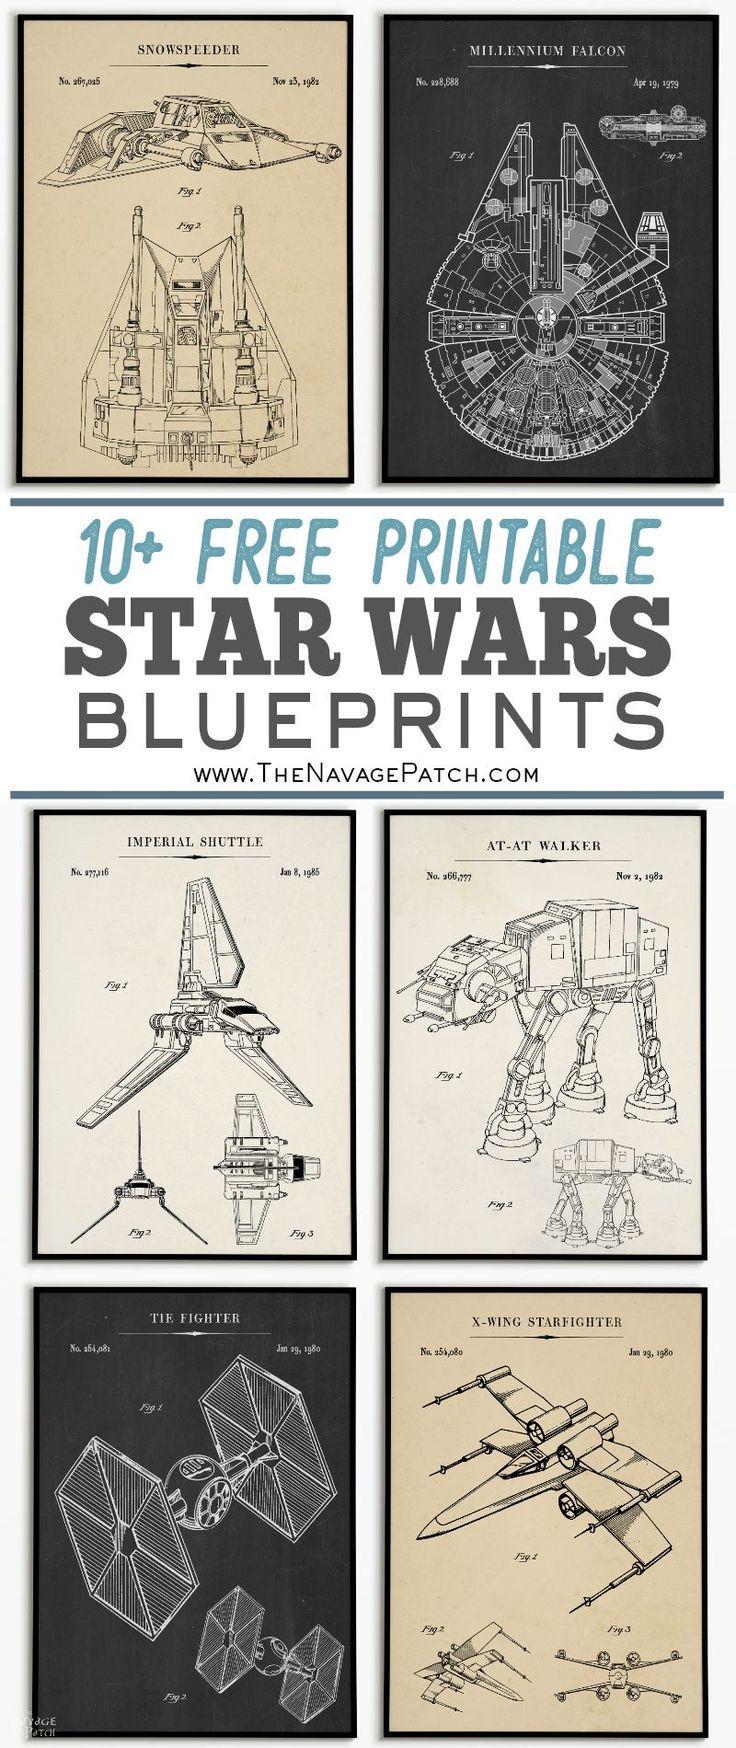 Star Wars Blueprints images